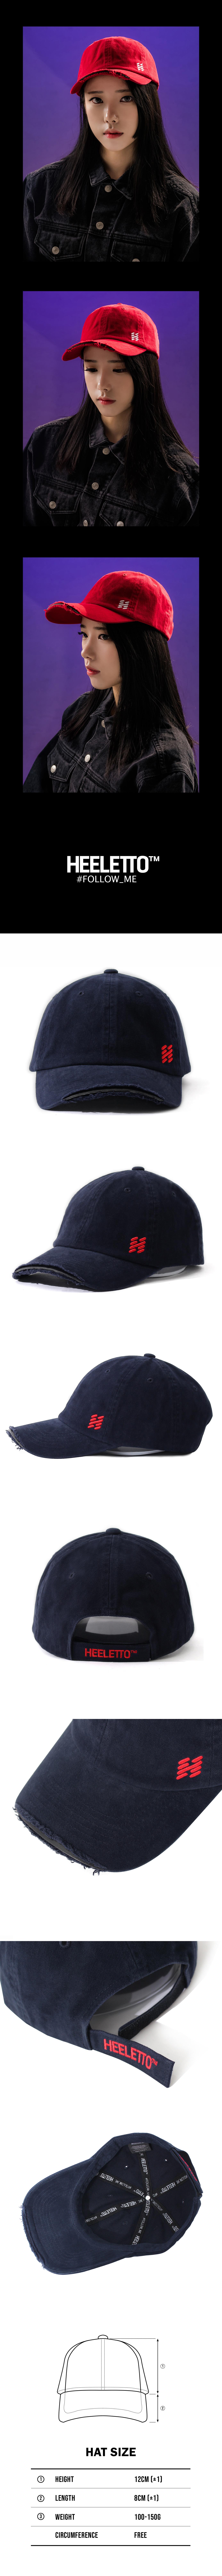 HFSUBL028NV.jpg